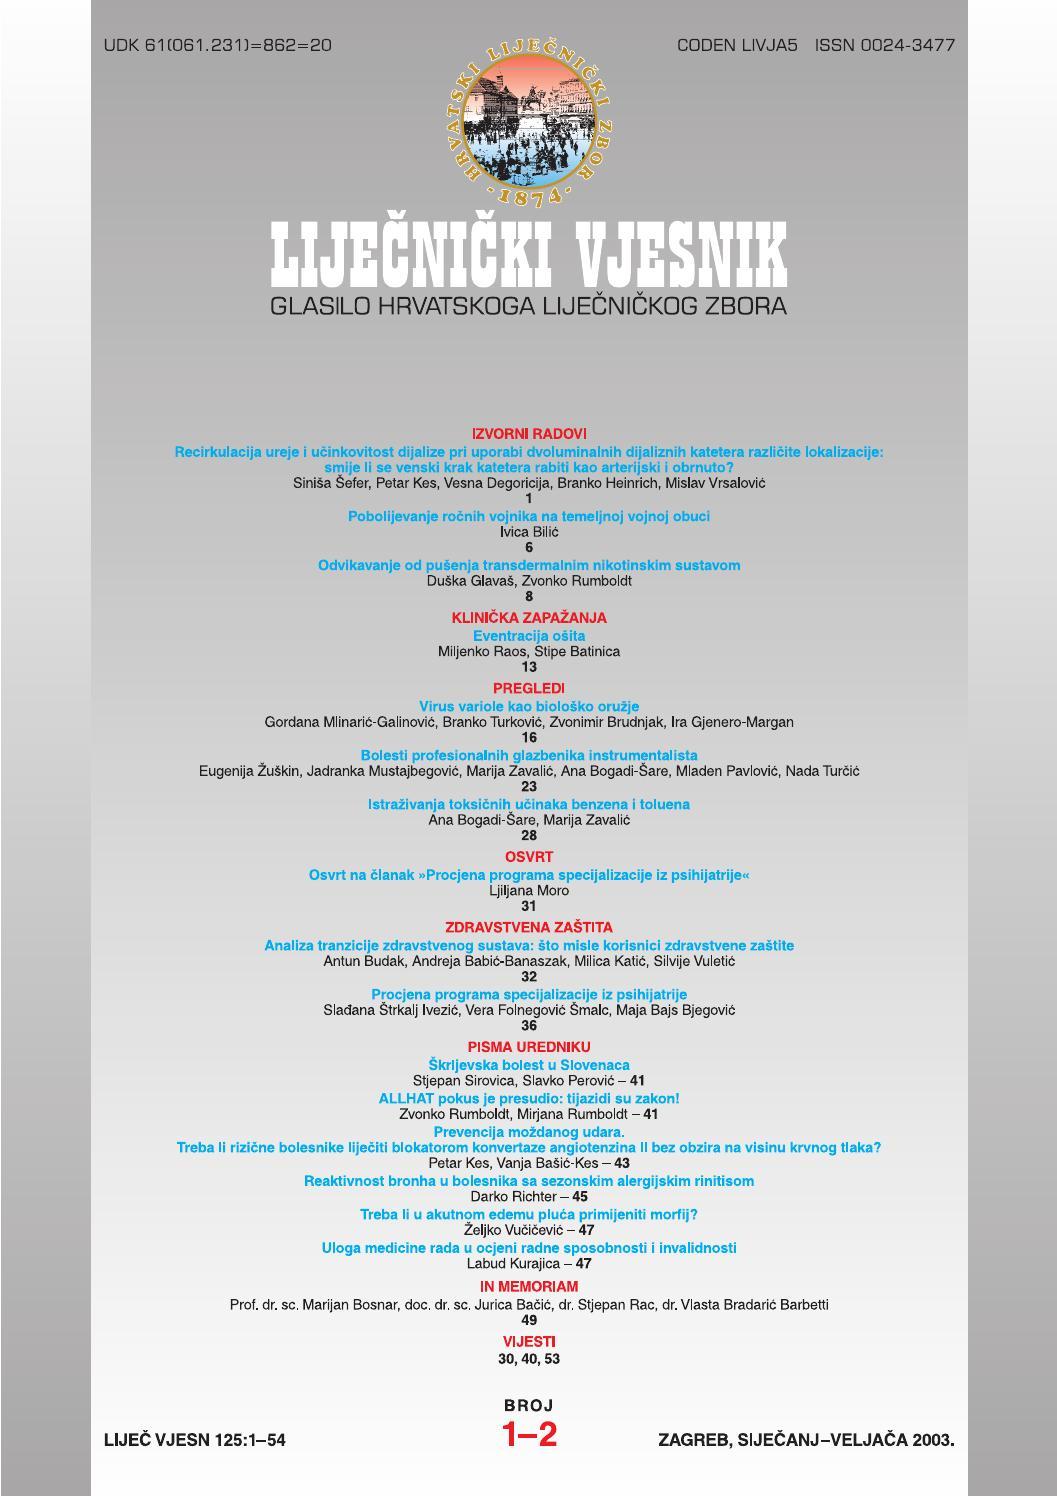 Lijecnicki Vjesnik Broj 1 2 2003 By Lijecnicki Vjesnik Issuu